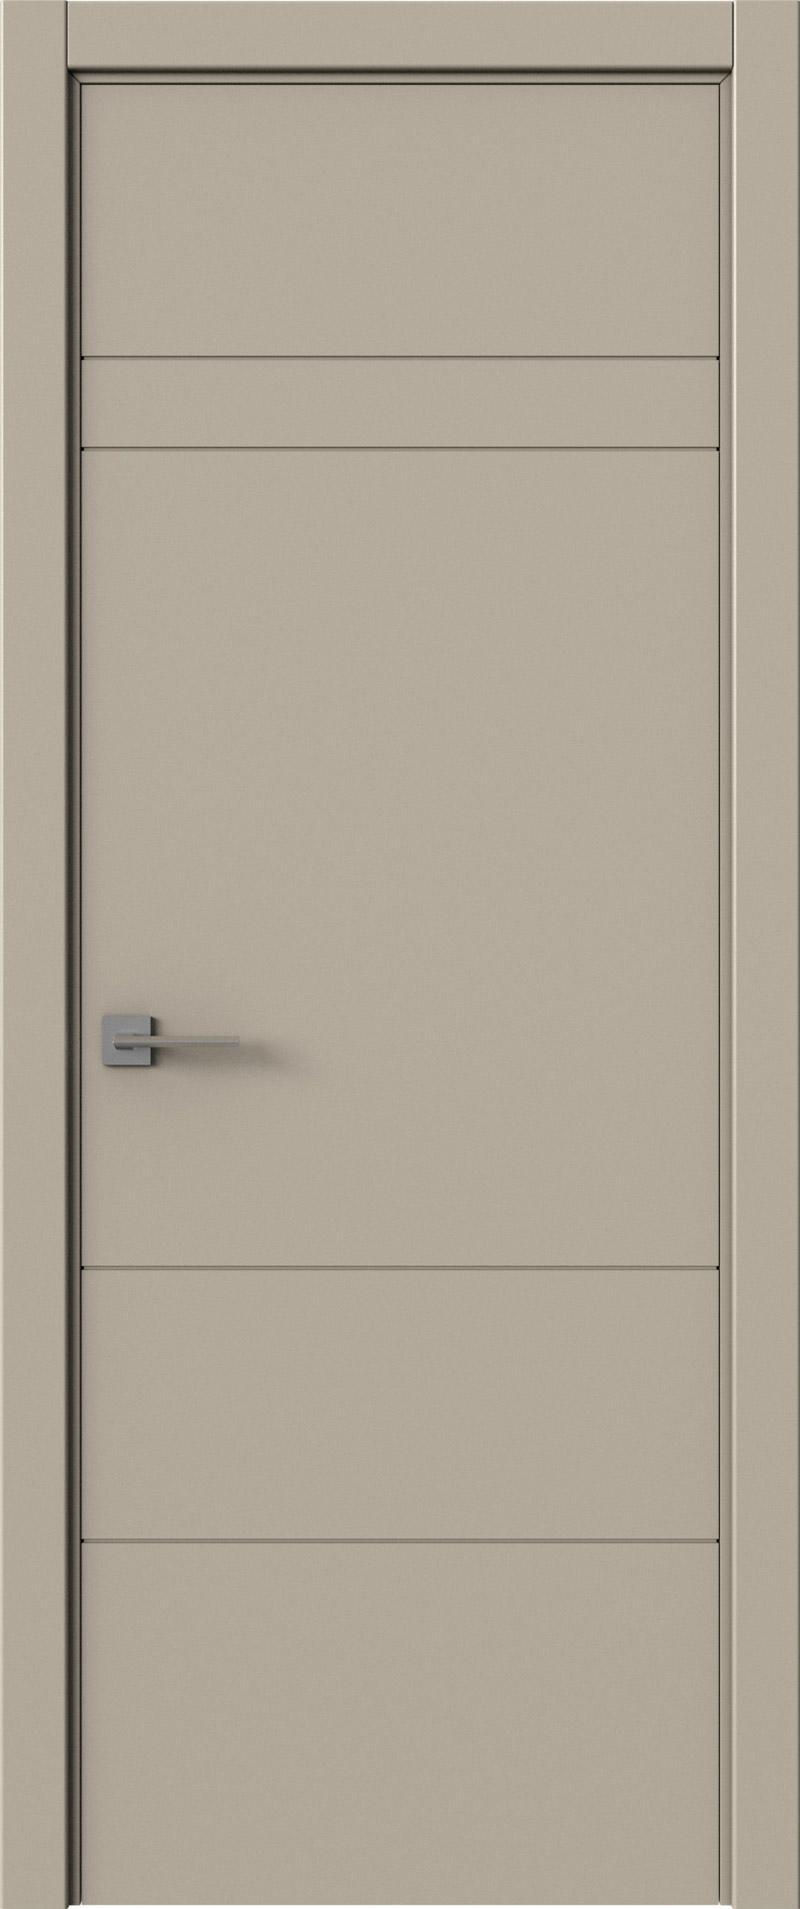 Tivoli К-2 цвет - Серо-оливковая эмаль (RAL 7032) Без стекла (ДГ)